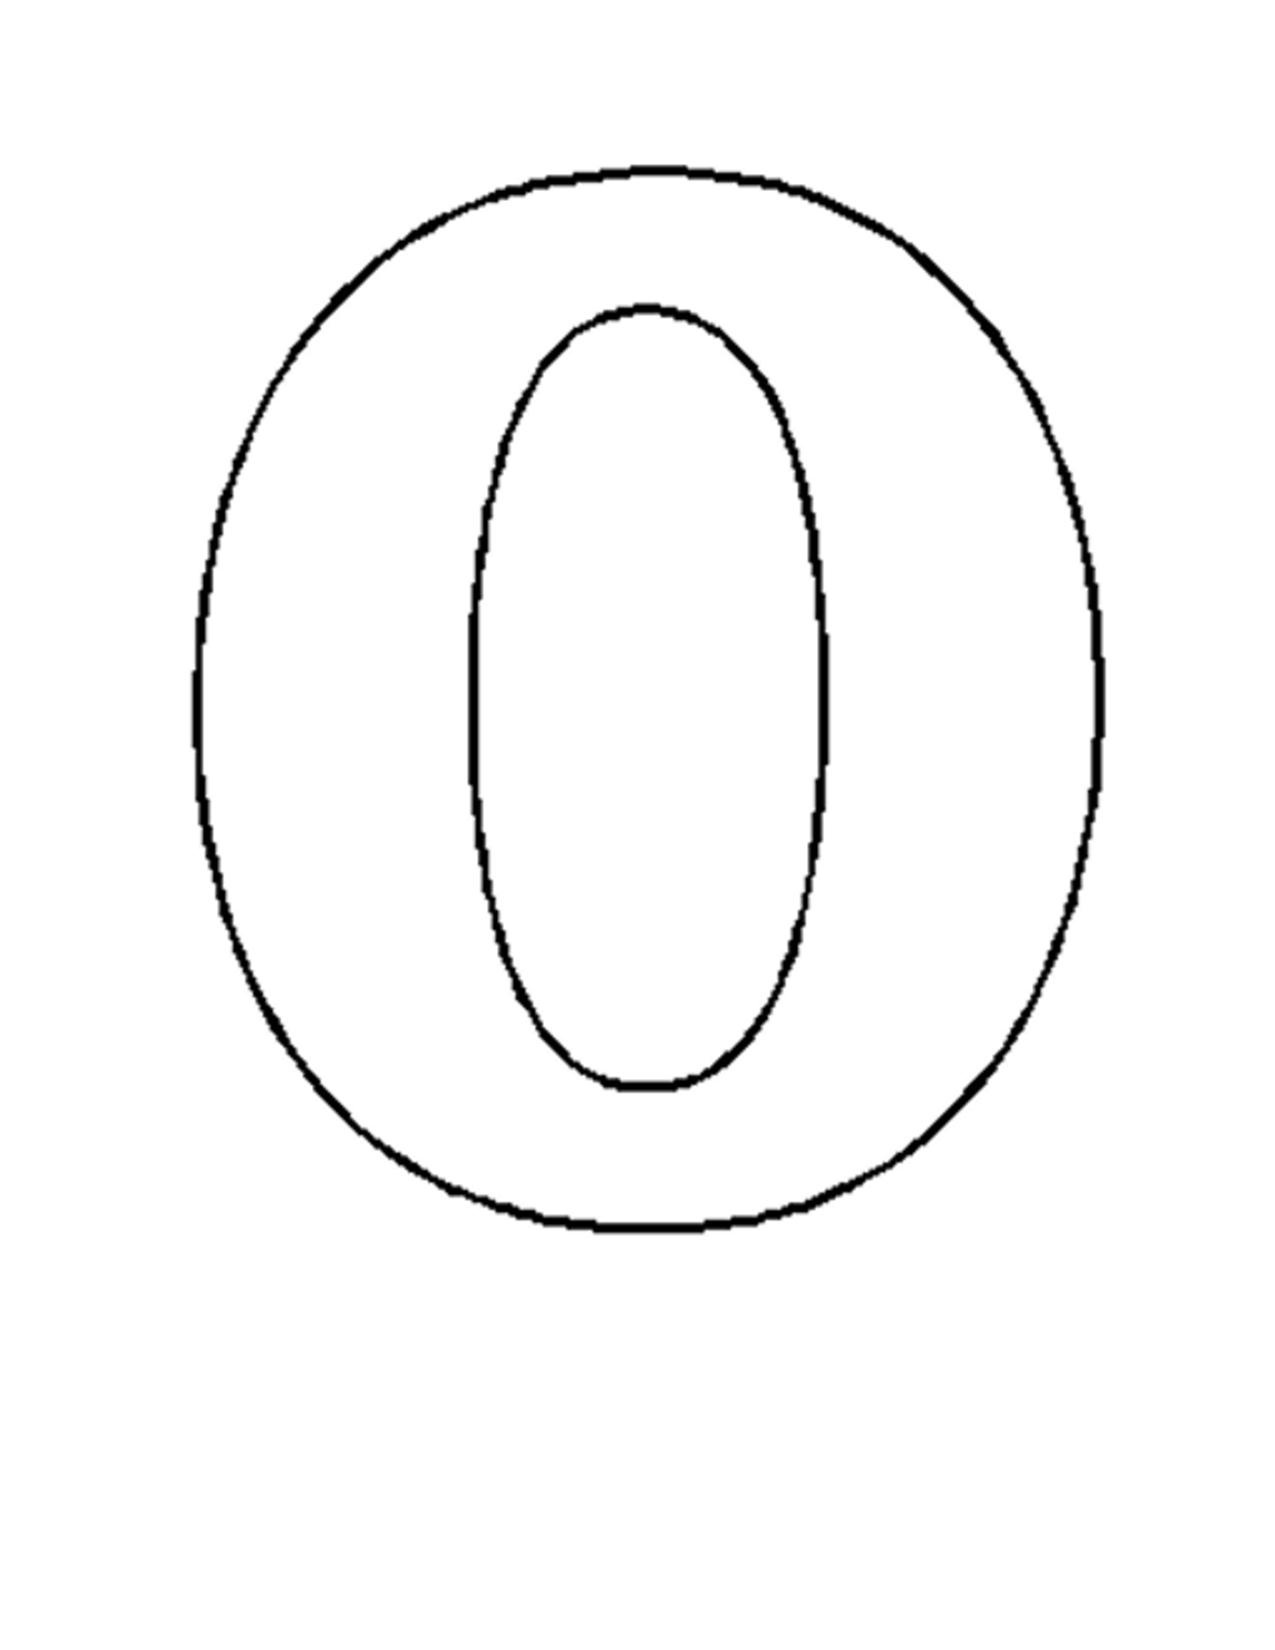 See Printable Numbers 1-10, Large Printable Numbers 1 10 & Large ...